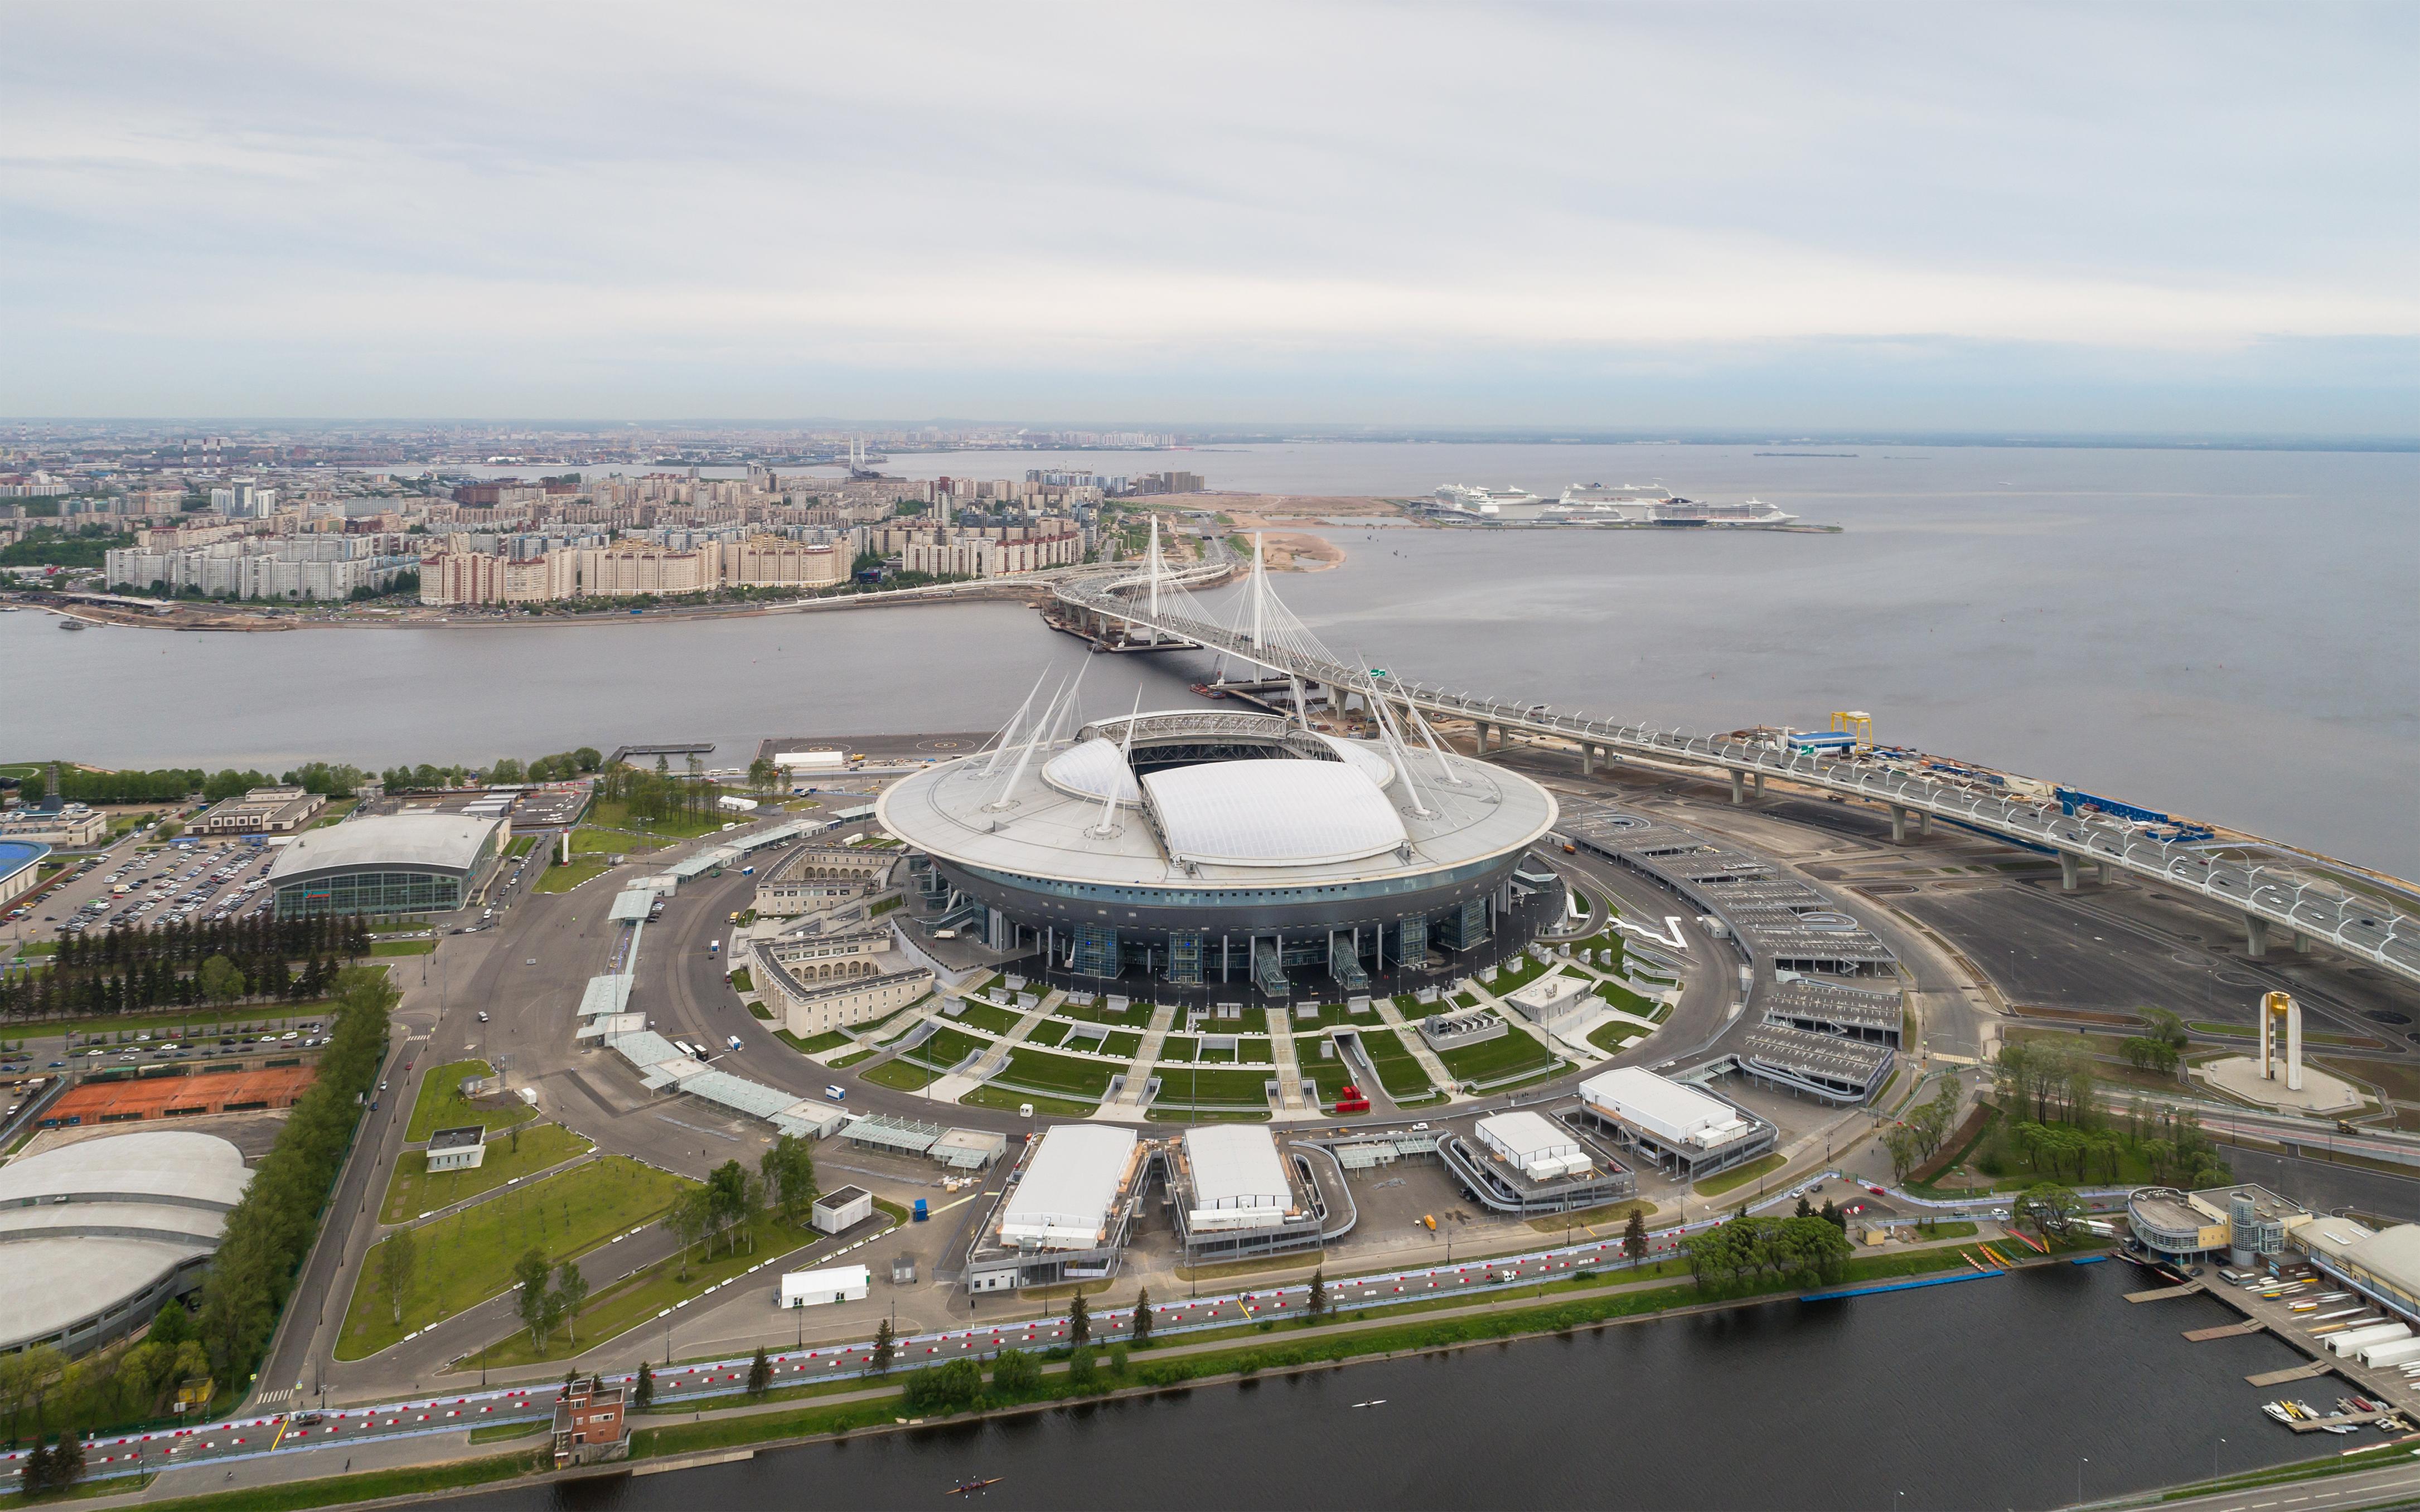 Stadion Krestovski